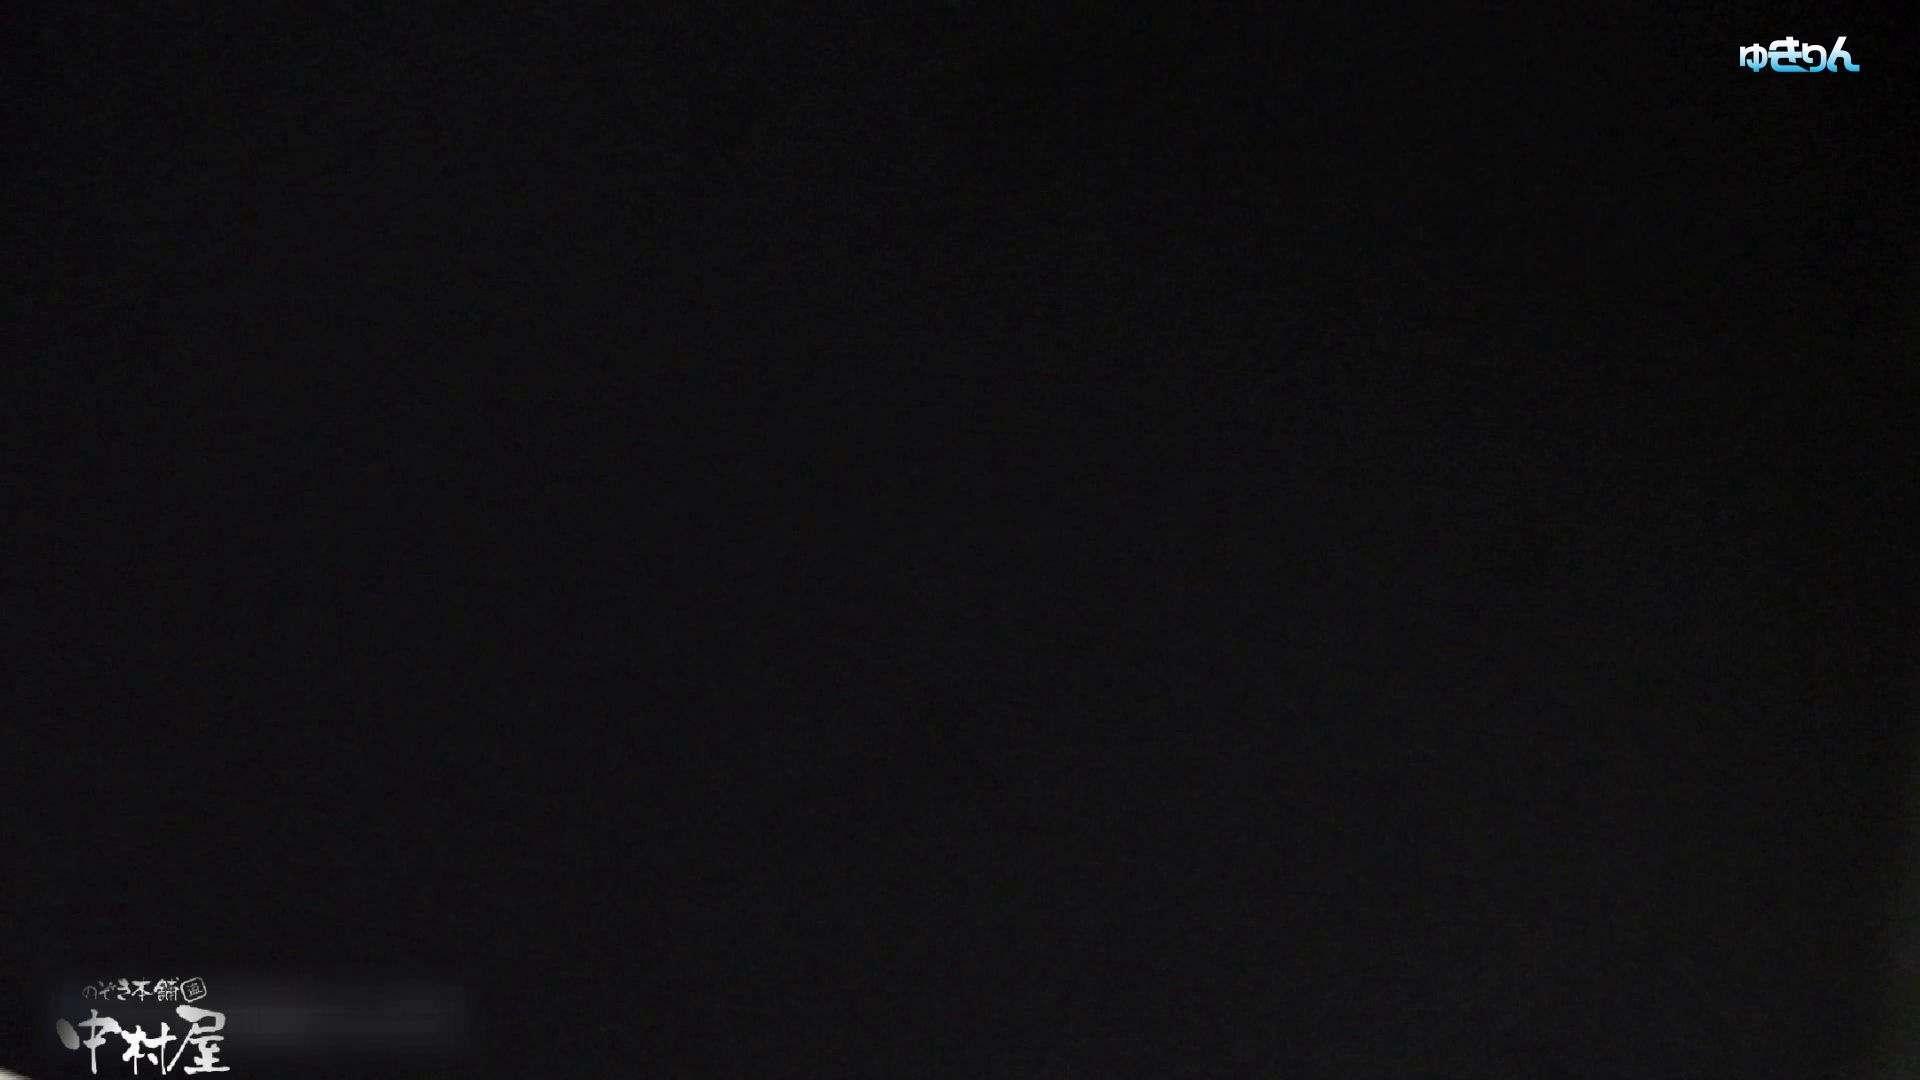 世界の射窓から~ステーション編 vol61 レベルアップ!!画質アップ、再発進 おまんこ見放題 | 盗撮シリーズ  85PIX 67